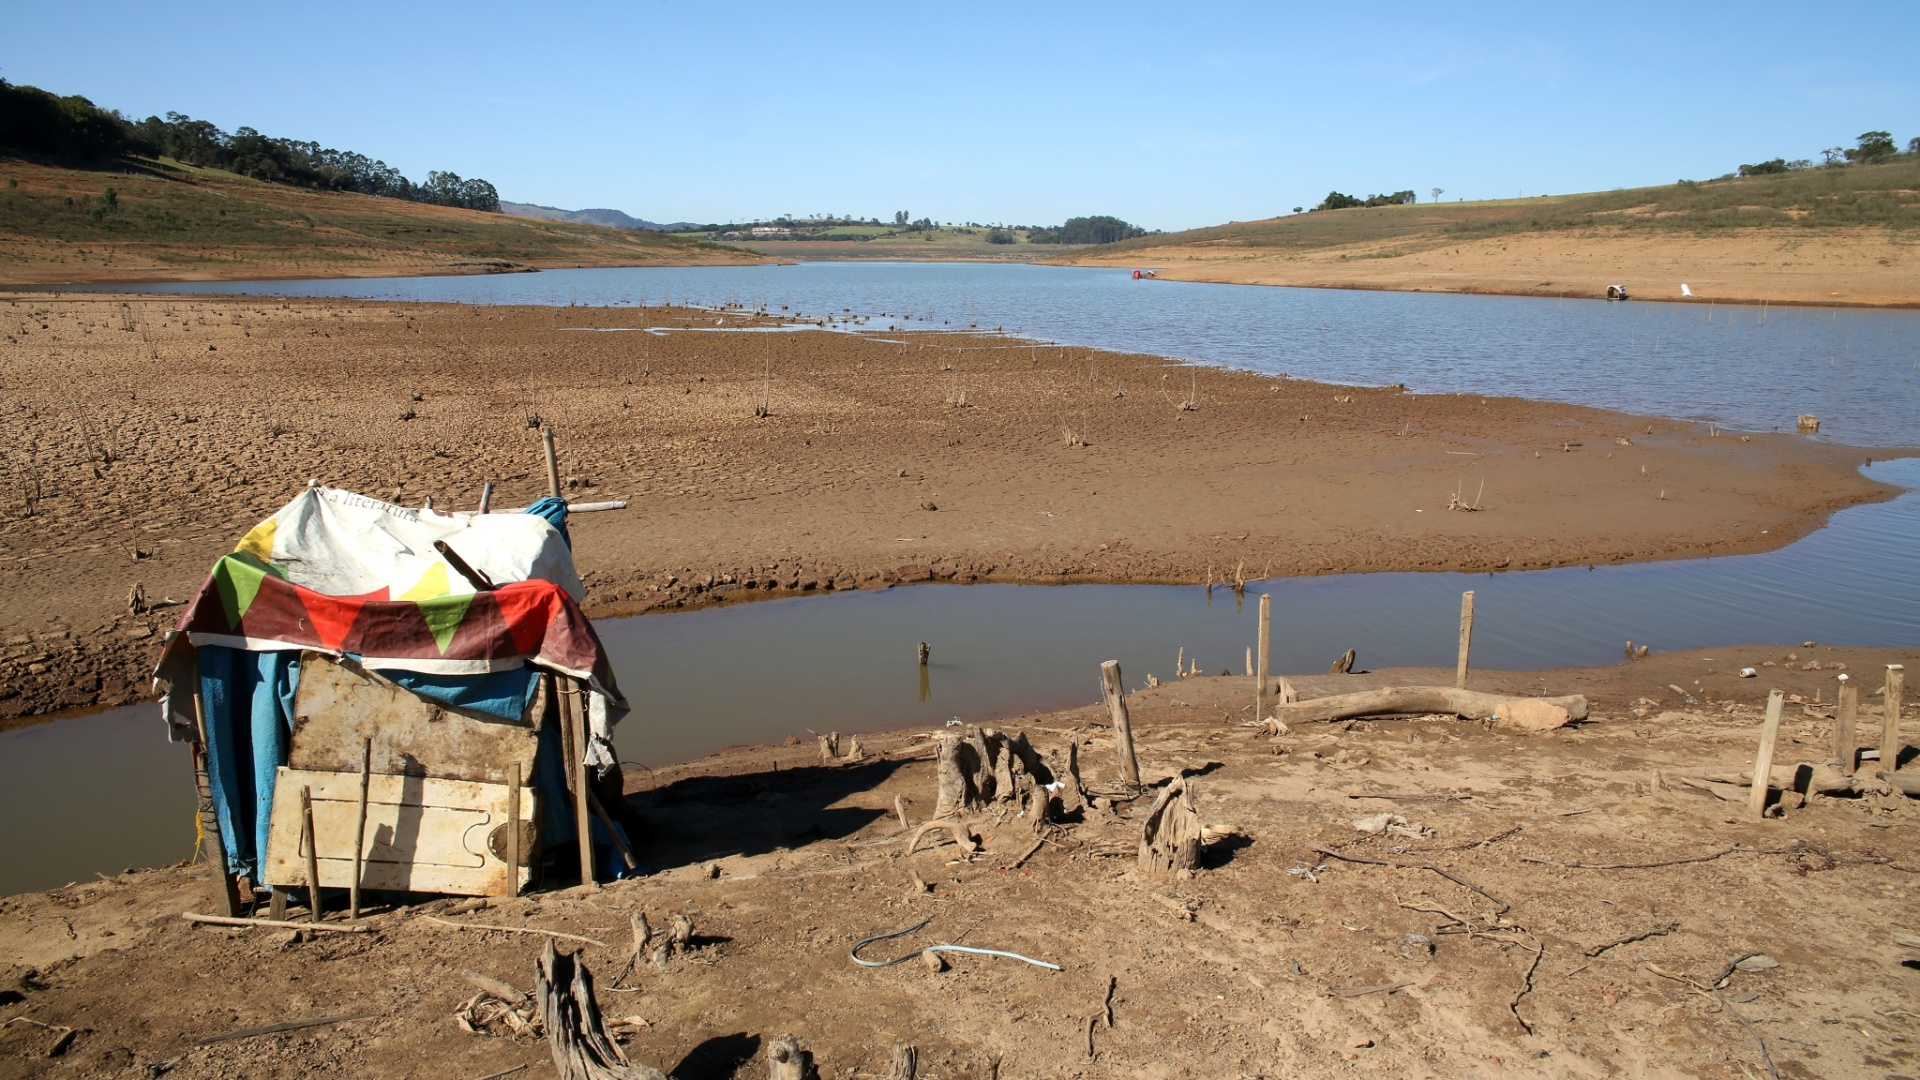 29.jul.2015 - O nível baixo da represa Jaguari-Jacareí, em Joanópolis (SP), permitiu a construção de um barraco em sua margem. A represa compõe o sistema Cantareira, que manteve o nível em 18,8% da água armazenada, segundo o índice tradicionalmente divulgado pela Sabesp. Esse número considera duas cotas do volume morto (de 182,5 bilhões de litros de água e de 105 bilhões), adicionadas no ano passado